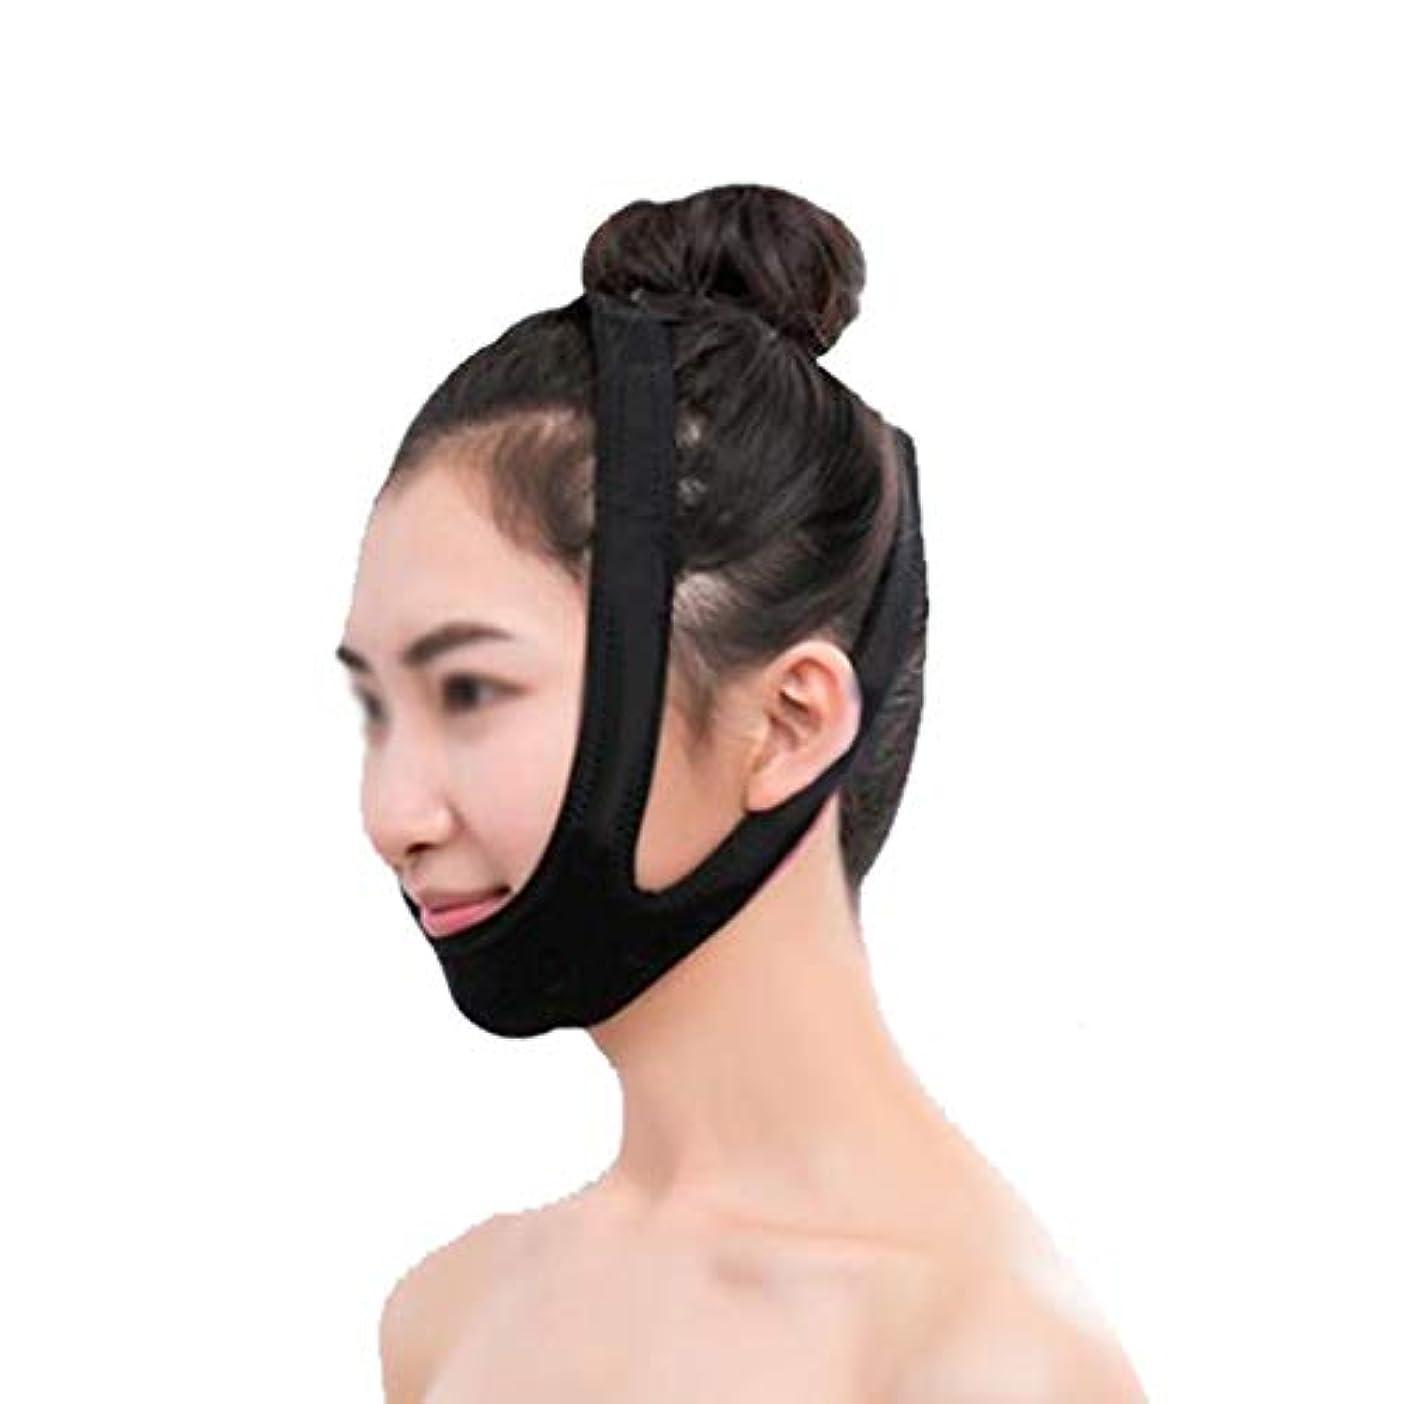 欠点屋内不良ZWBD フェイスマスク, 薄いフェイスマスクフェイスリフトアーティファクトマスクVフェイスリフティングタイトな包帯女性ライン彫刻回復顔ダブル